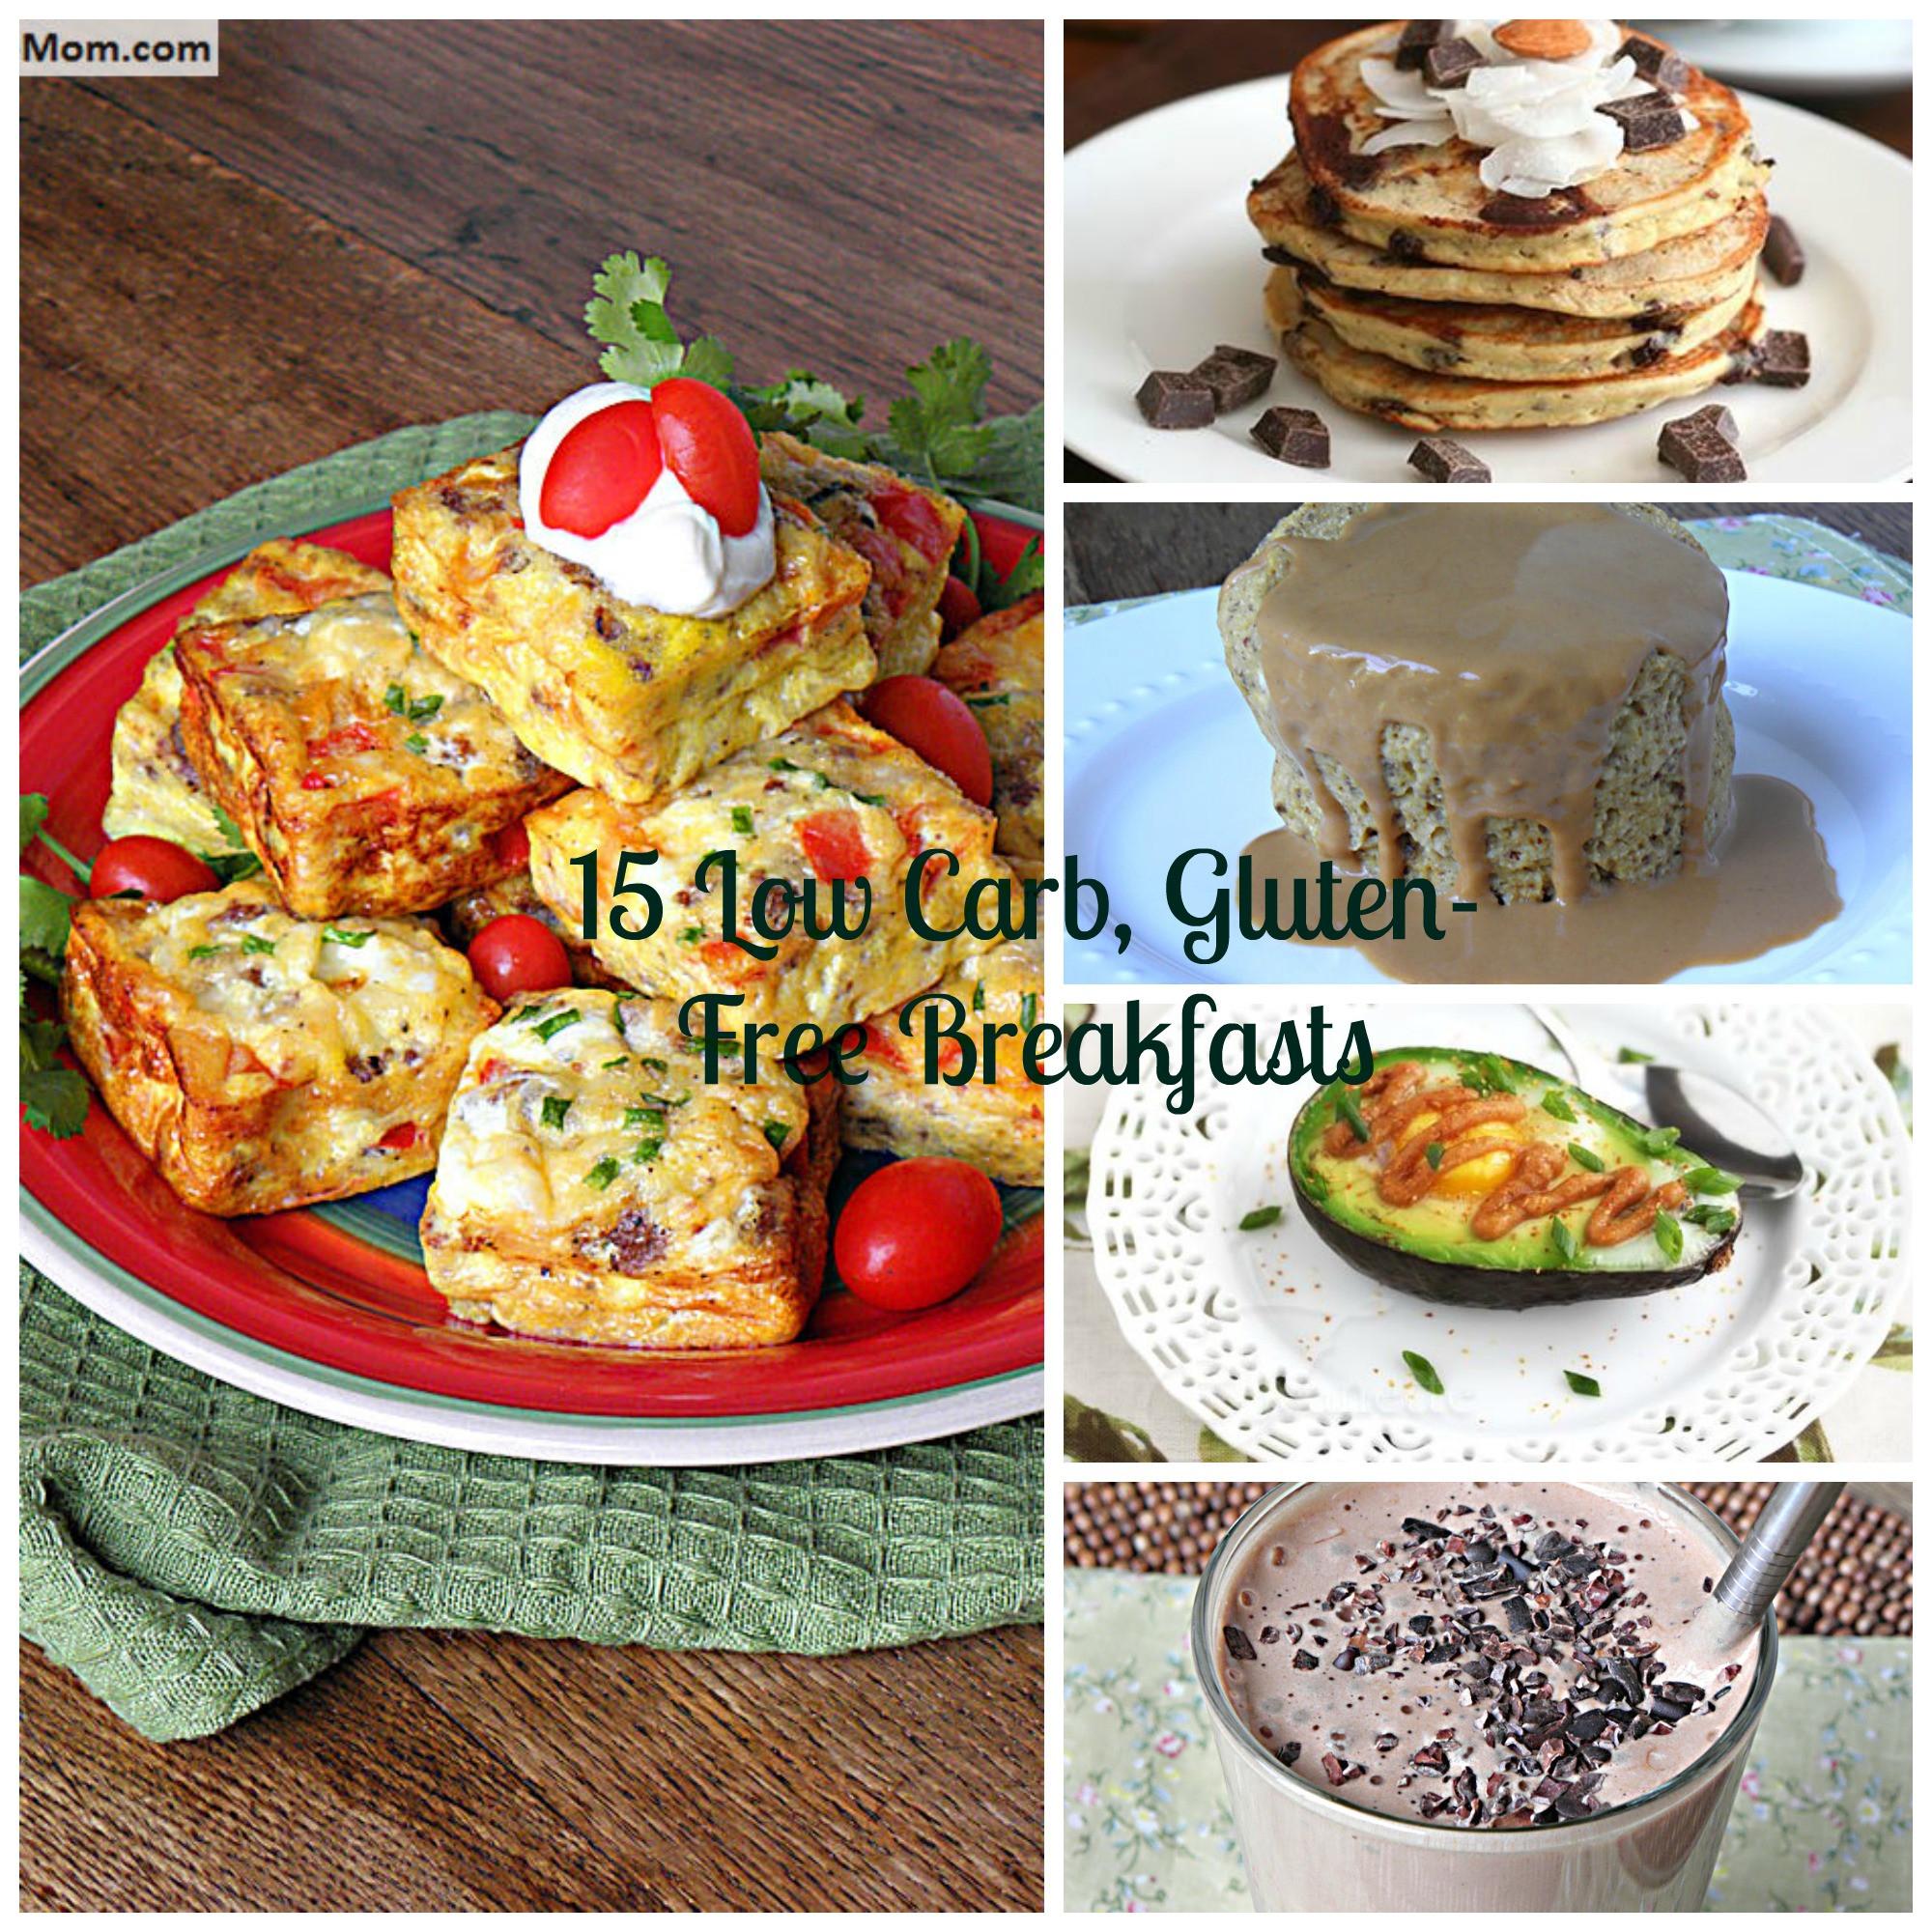 Healthy Diabetic Breakfast  15 Gluten Free Low Carb & Diabetic Friendly Breakfast Recipes